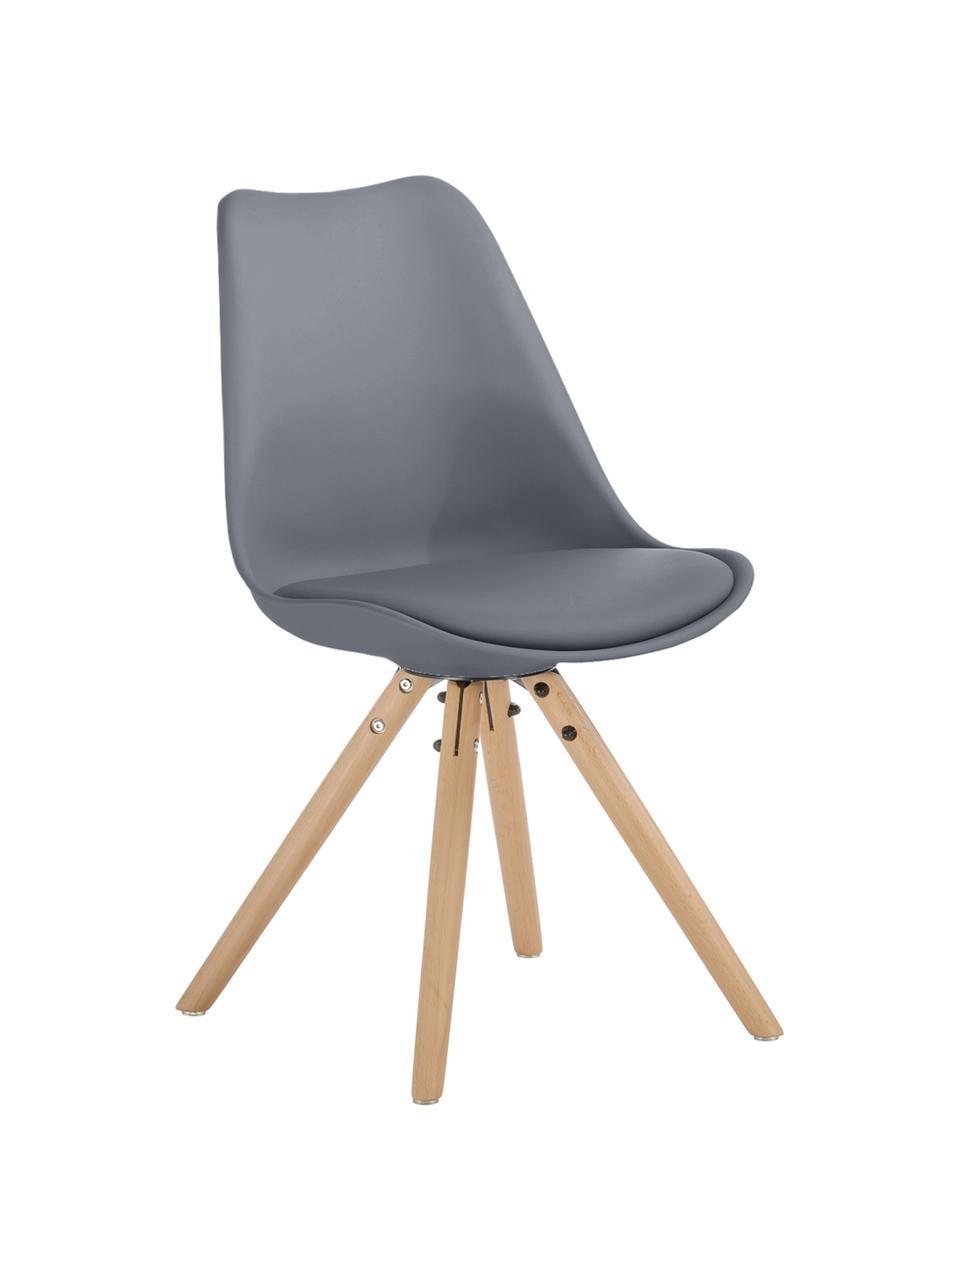 Kunststoffstühle Max in Grau, 2 Stück, Sitzfläche: Kunstleder (Polyurethan) , Sitzschale: Kunststoff, Beine: Buchenholz, Grau, B 46 x T 54 cm